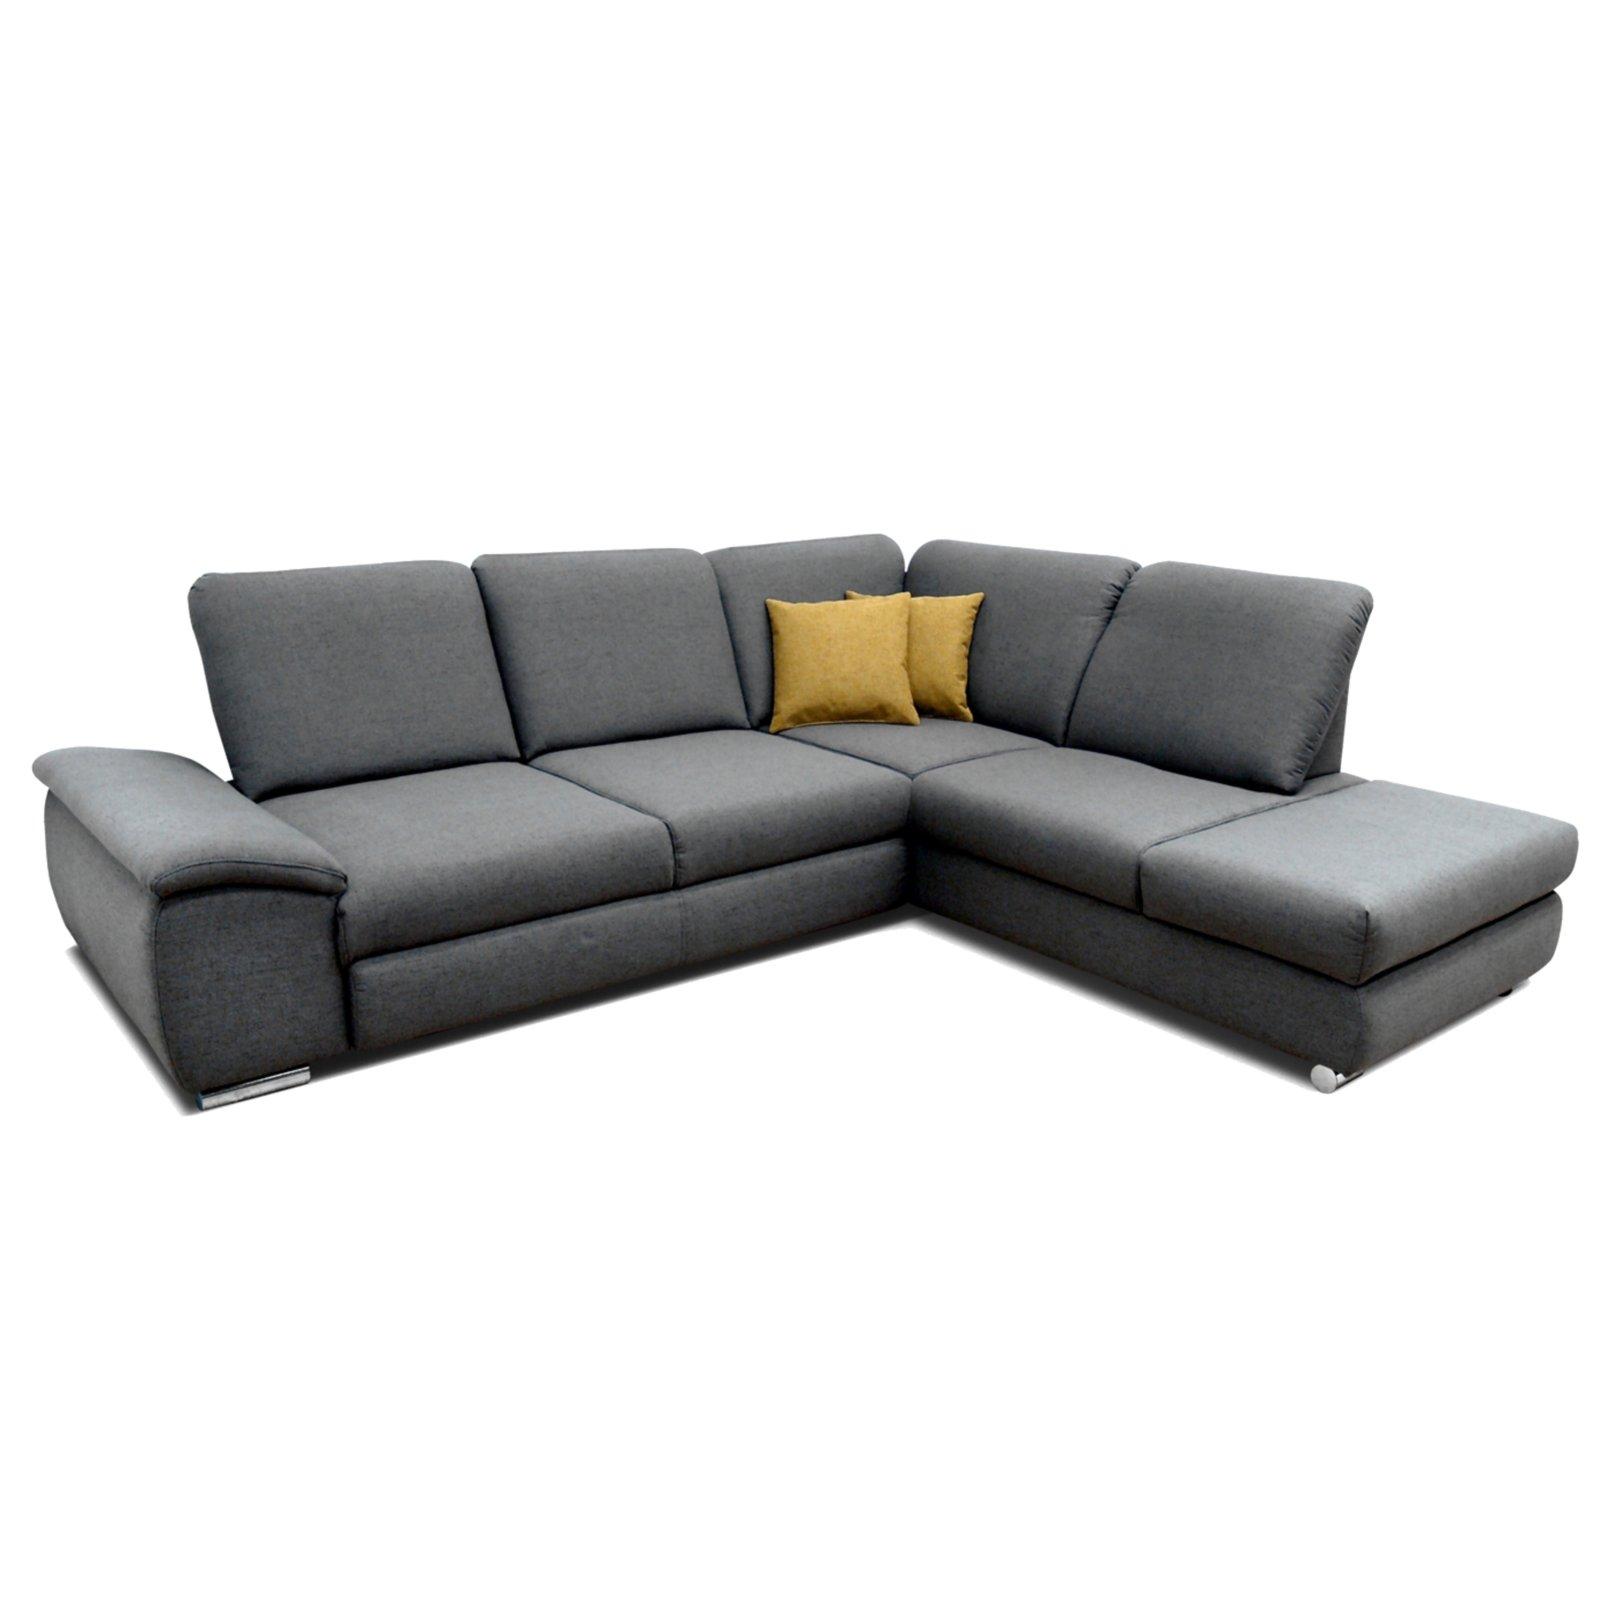 polsterecke grau braun sitztiefenverstellung links ecksofas l form sofas couches. Black Bedroom Furniture Sets. Home Design Ideas